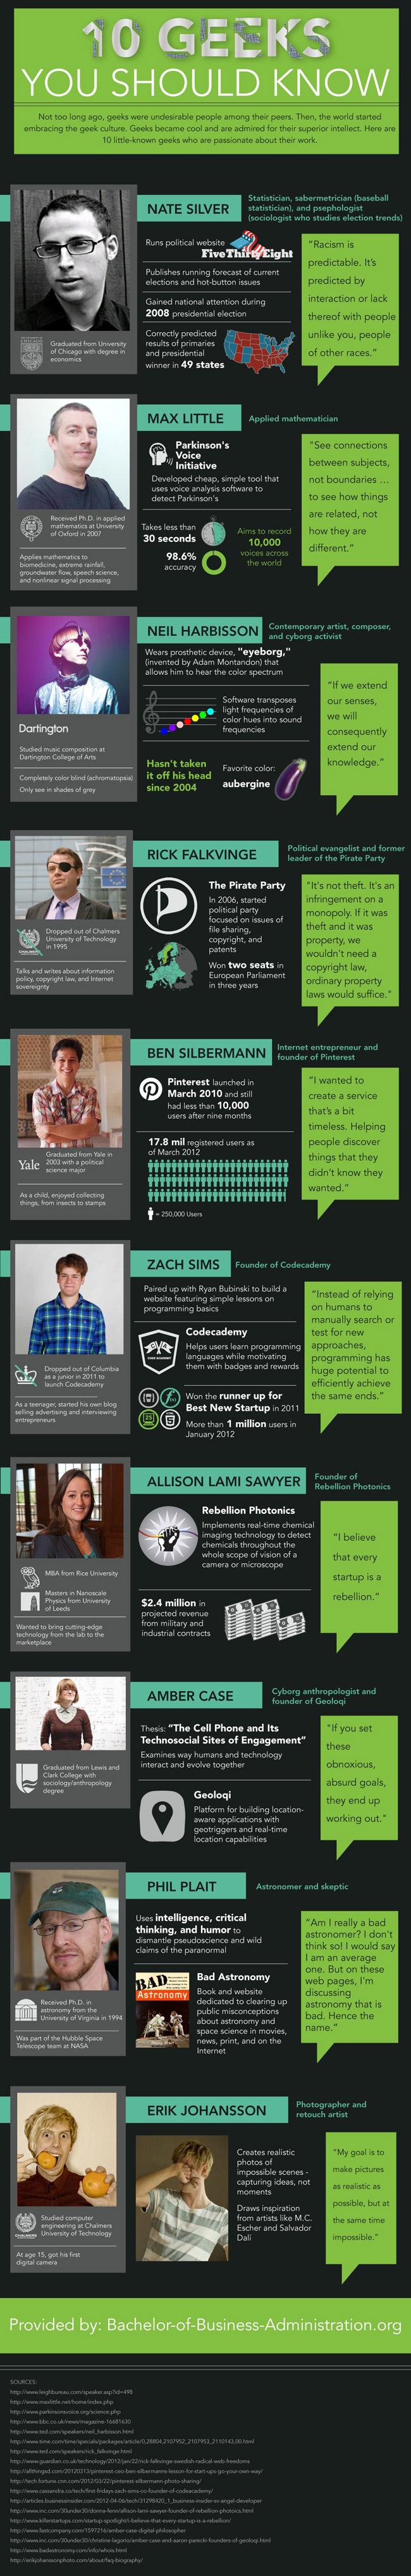 Top 10 Geeks